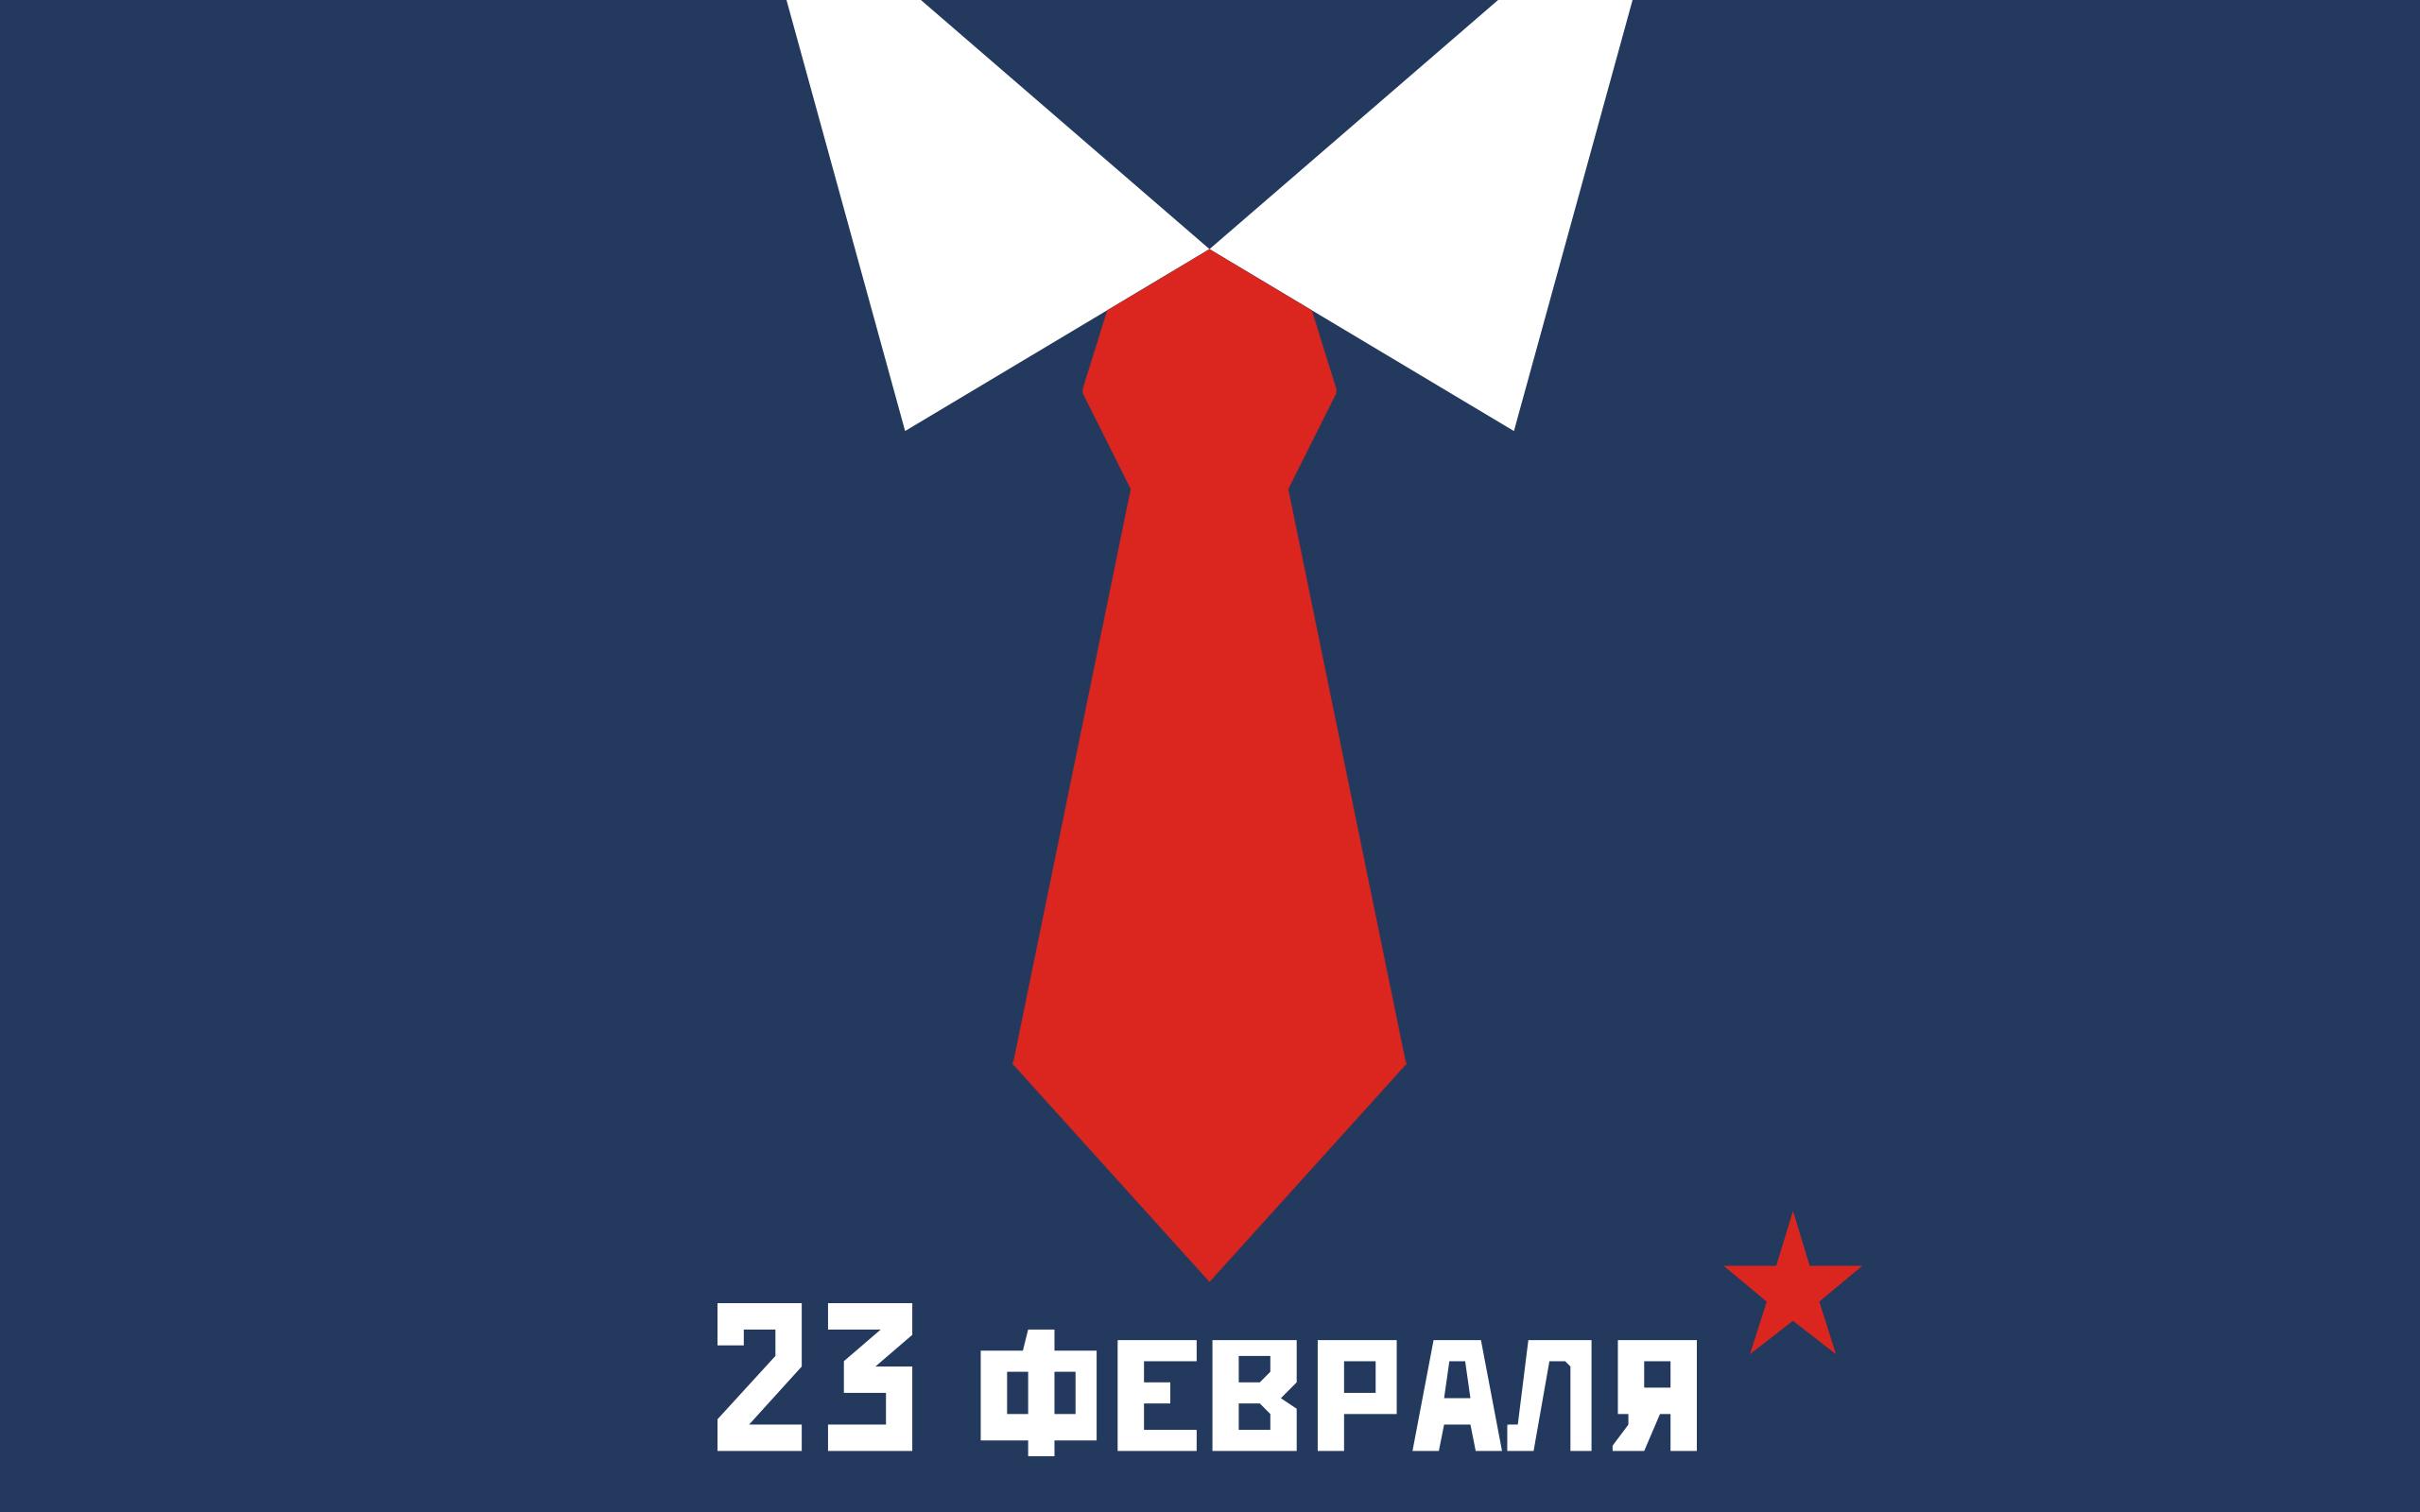 Праздник День рождения Красной армии имеет свою историю